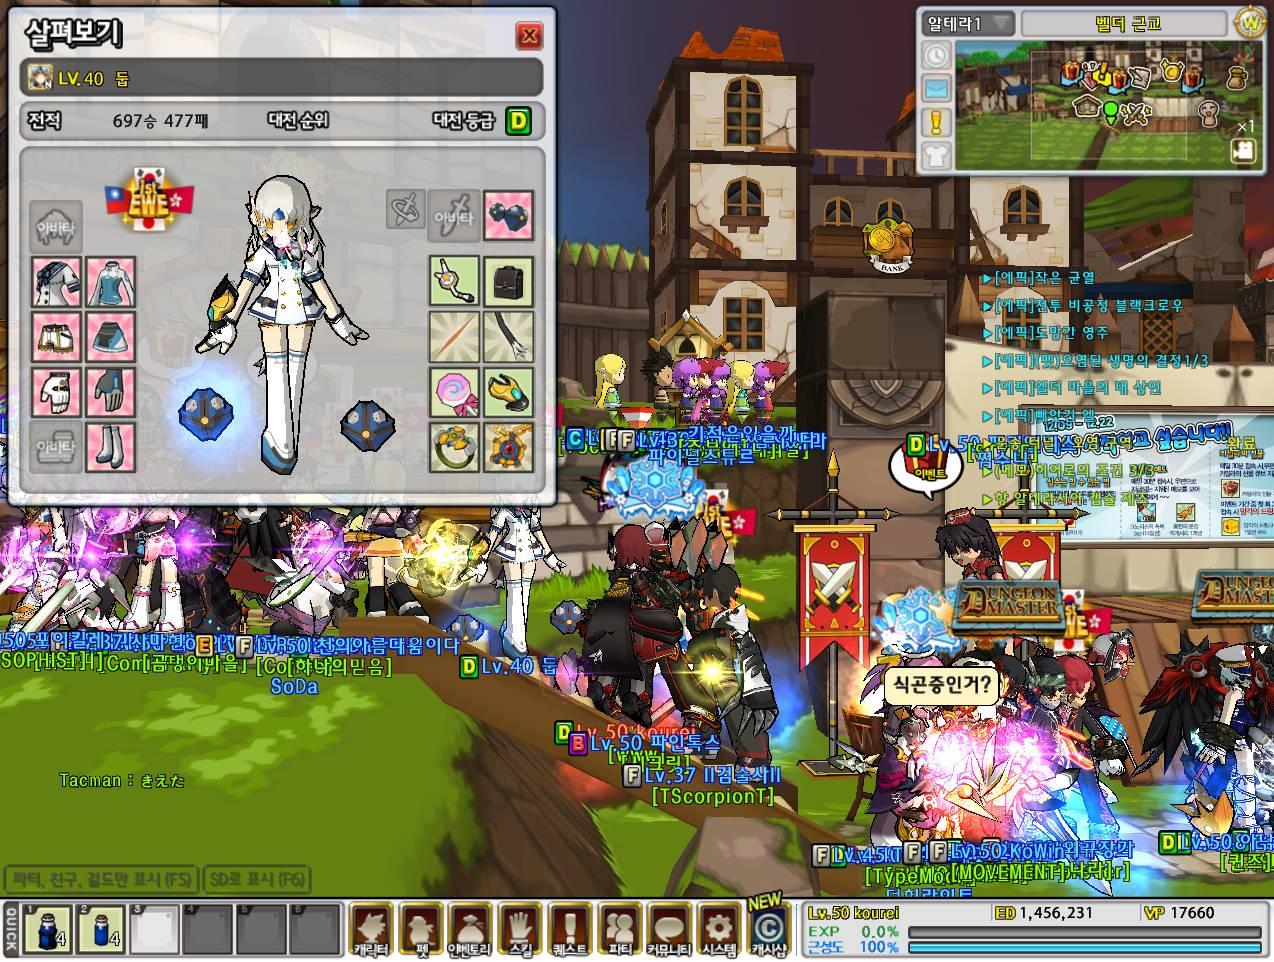 SC_2010_12_9_12_13_53_.jpg